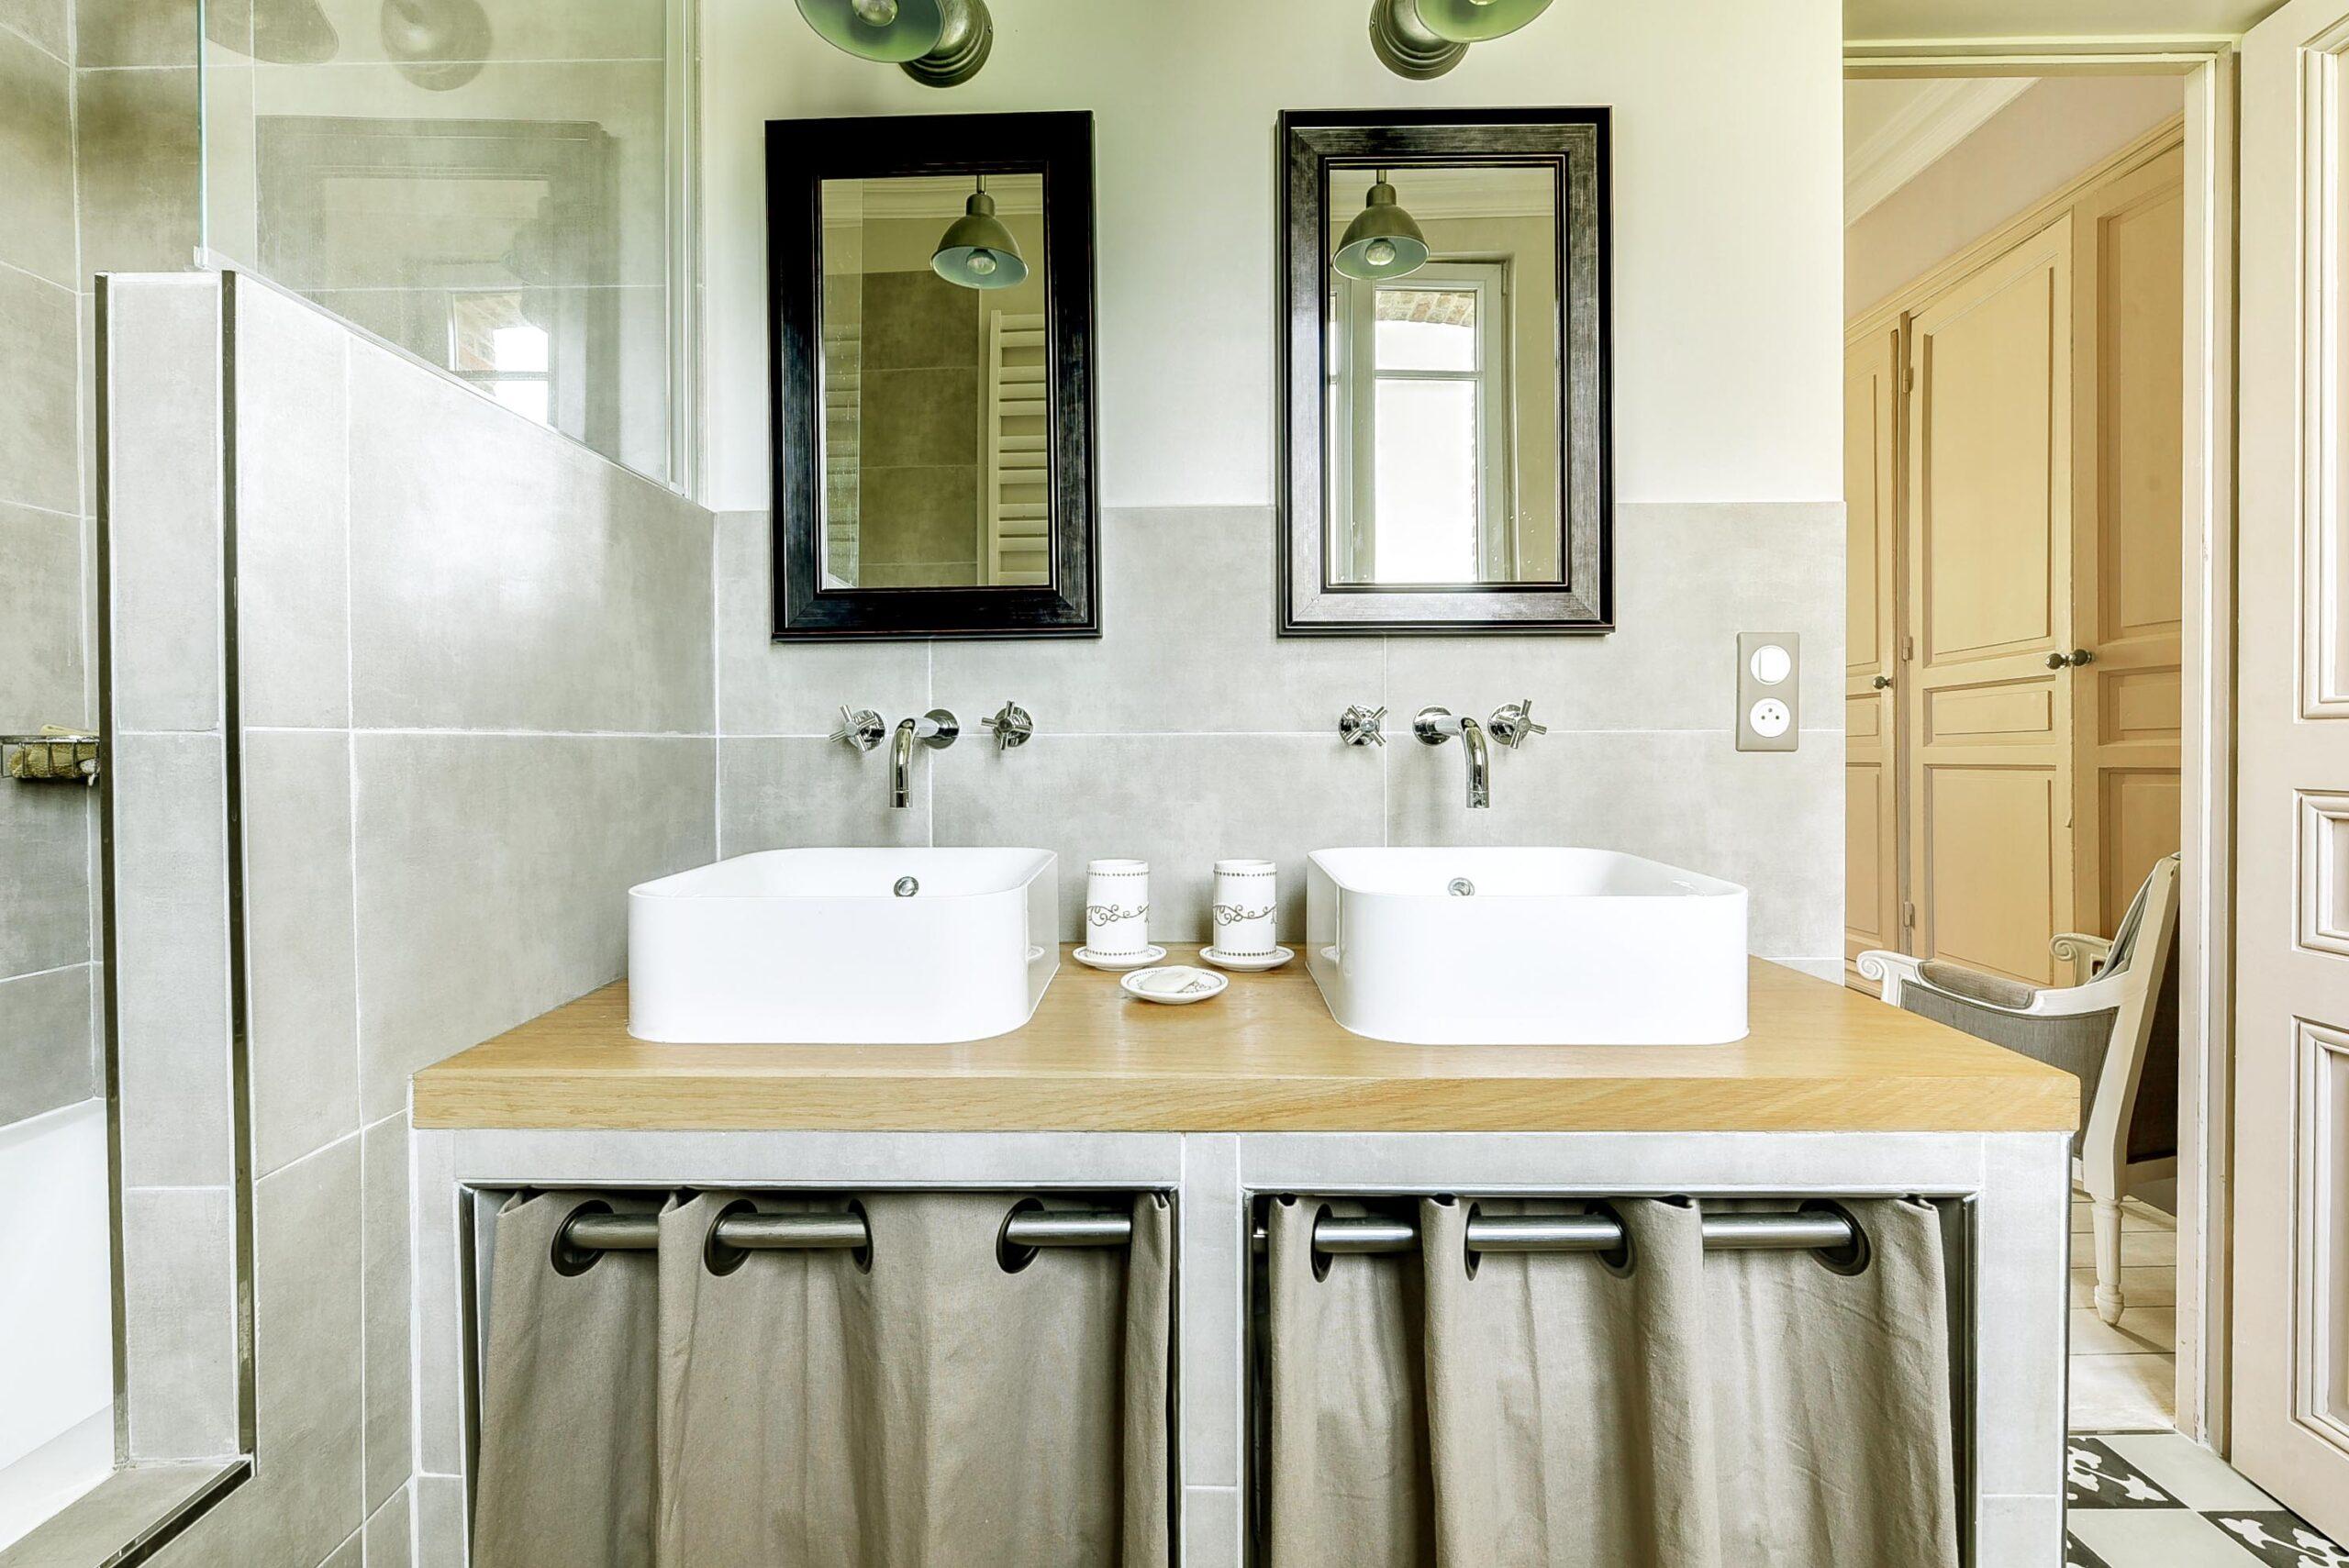 Vasque Salle De Bain Sur Plan De Travail salle de bain cosy et naturelle - cosy side - design d